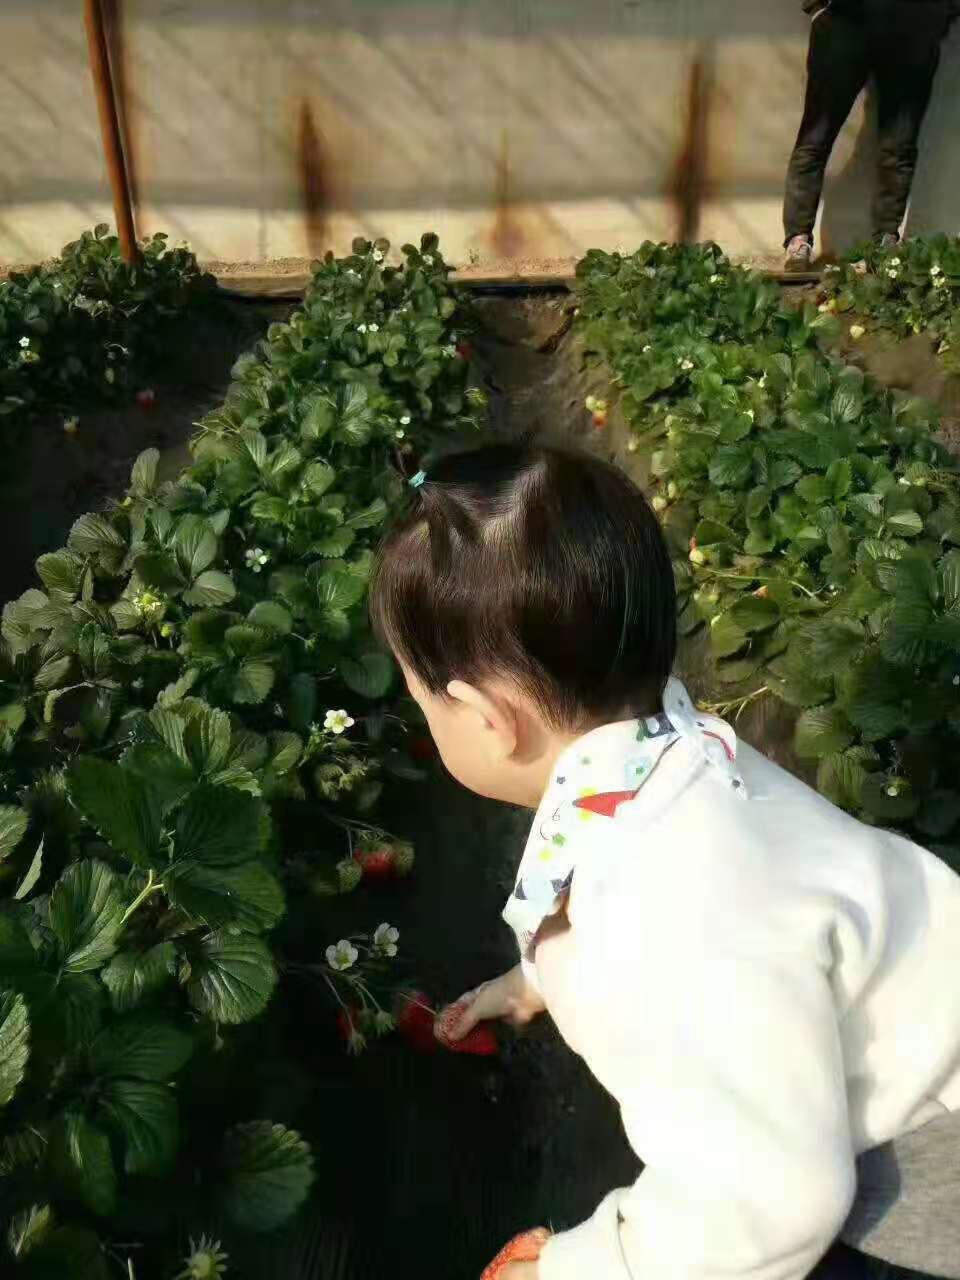 """沈阳财源花卉种植有限公司:邀您采摘""""放心菜篮子""""、绿色健康高品质蔬果"""